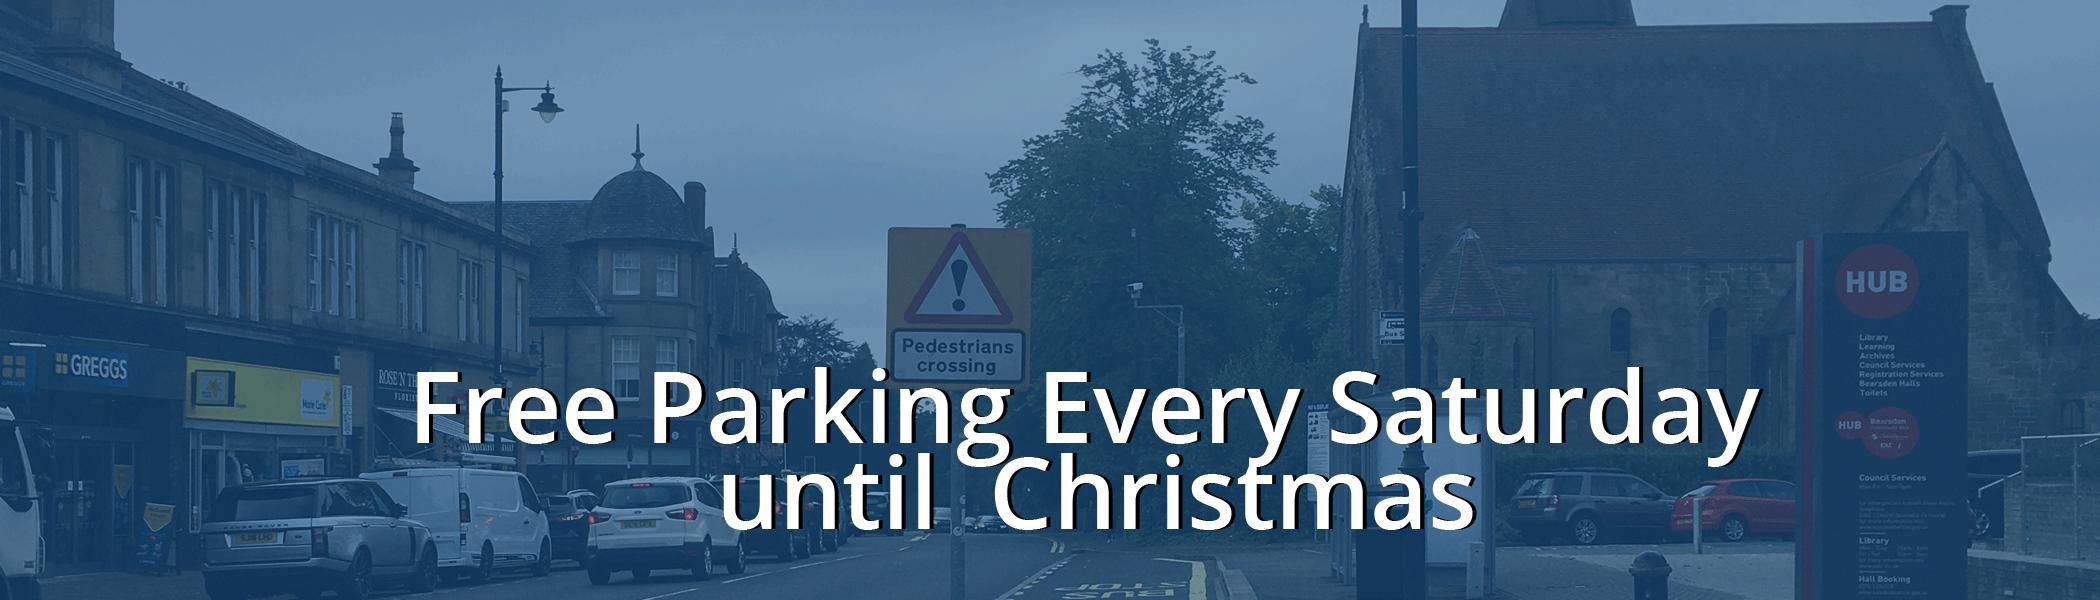 Bearsden Free Parking Saturdays To Christmas